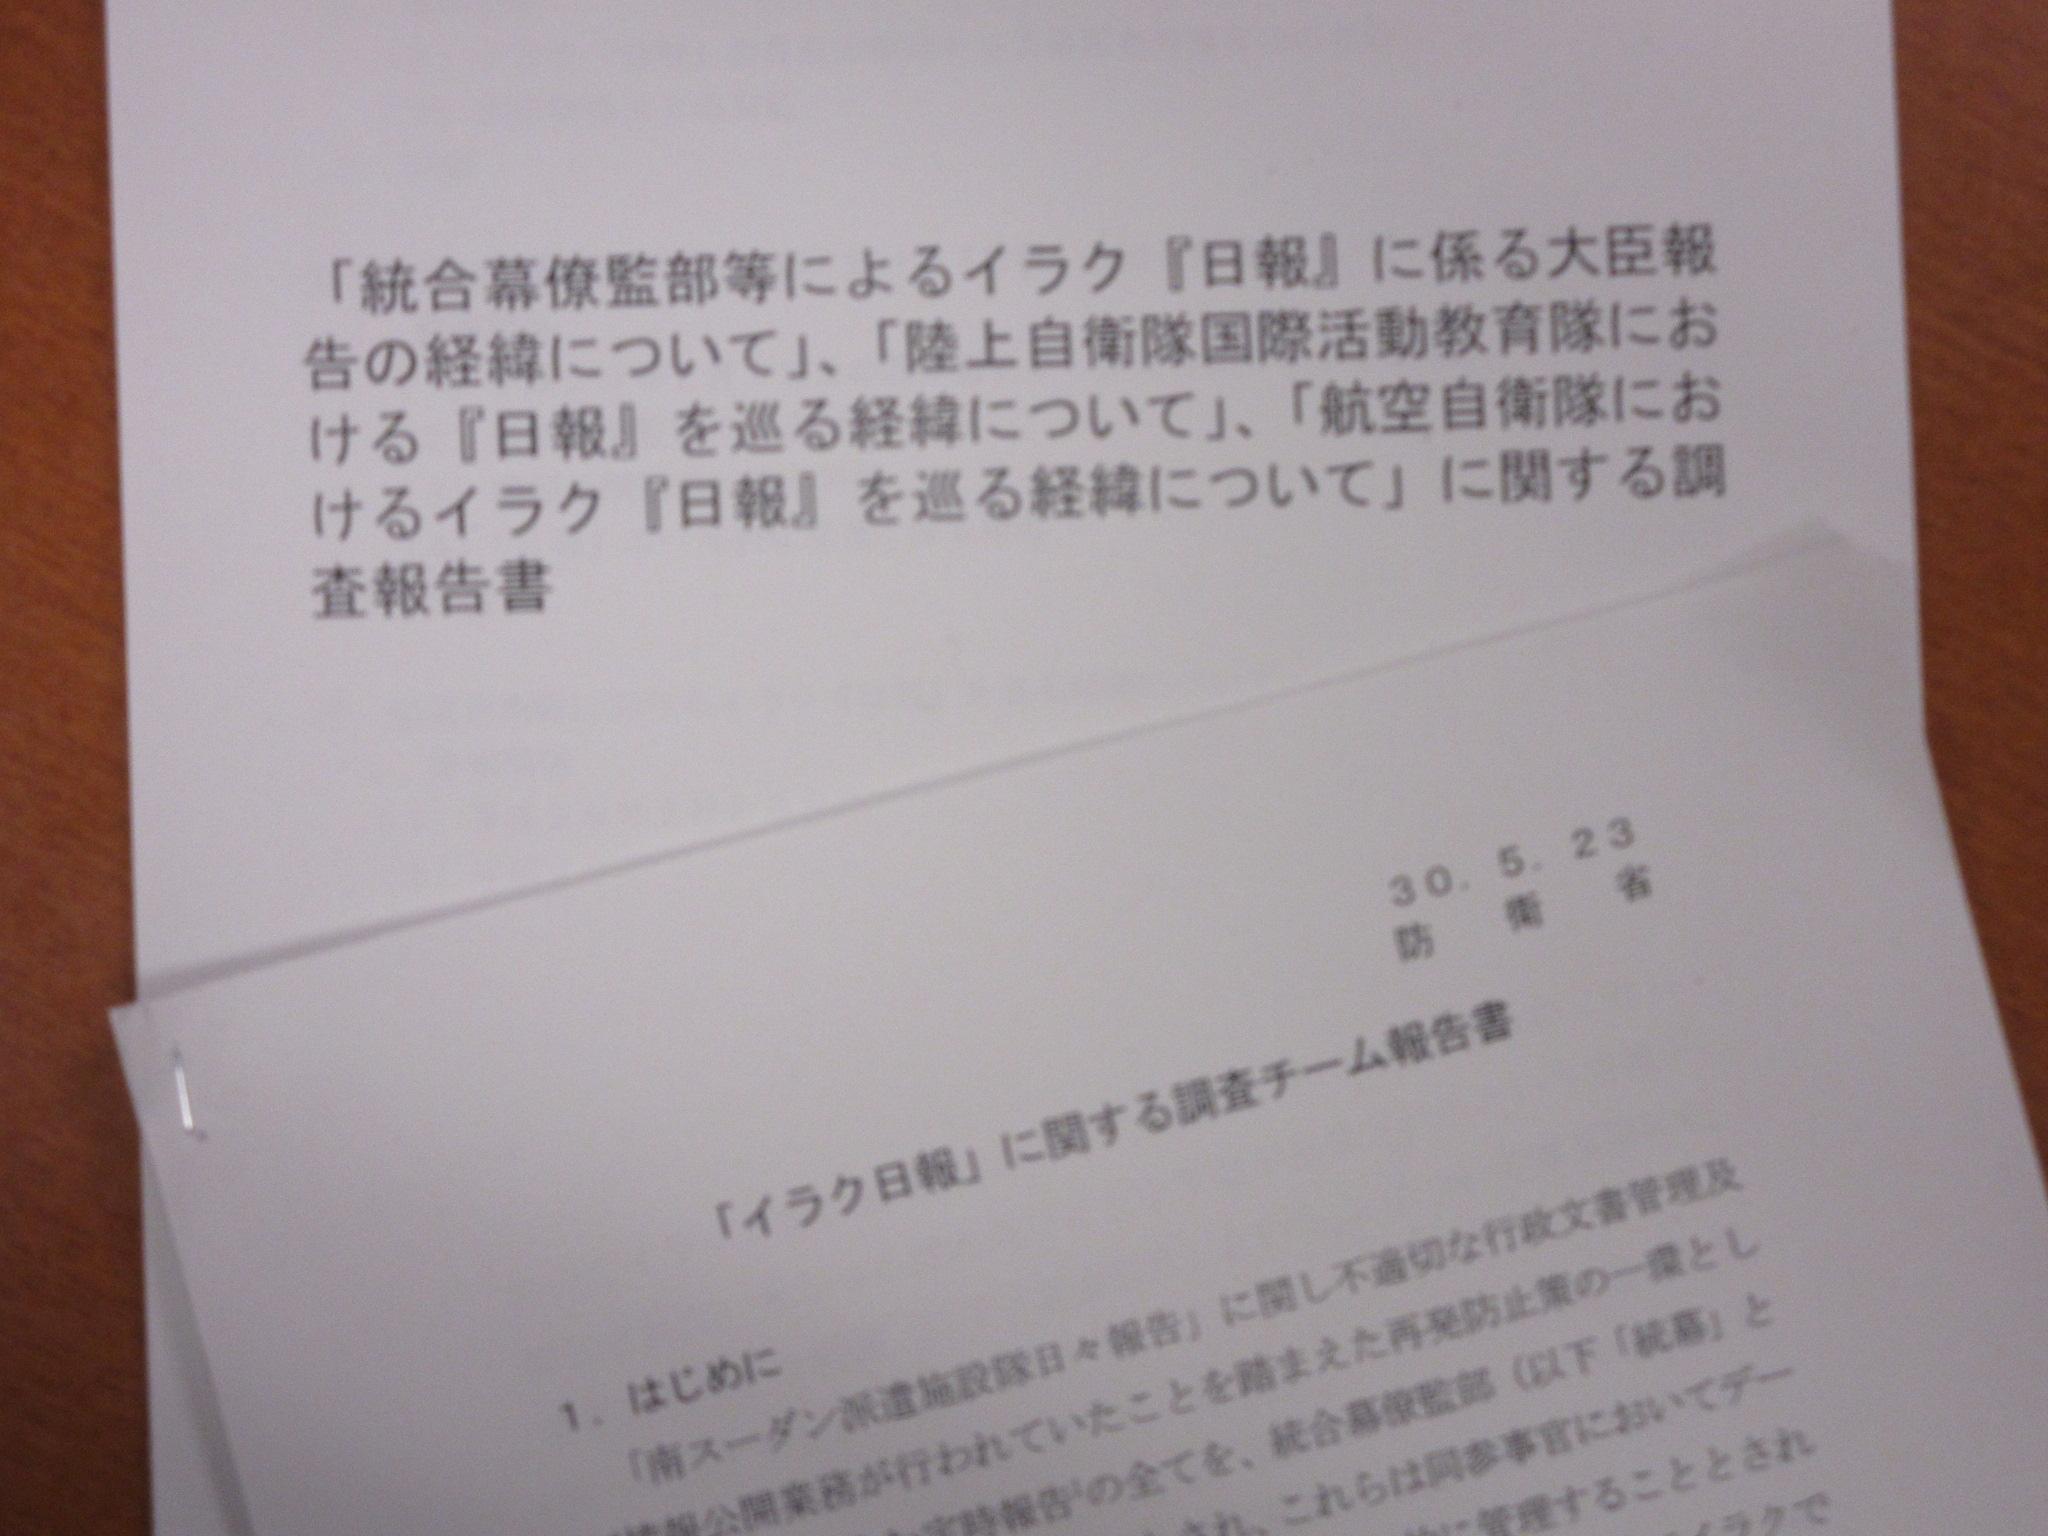 http://www.inoue-satoshi.com/diary/IMG_5028.JPG